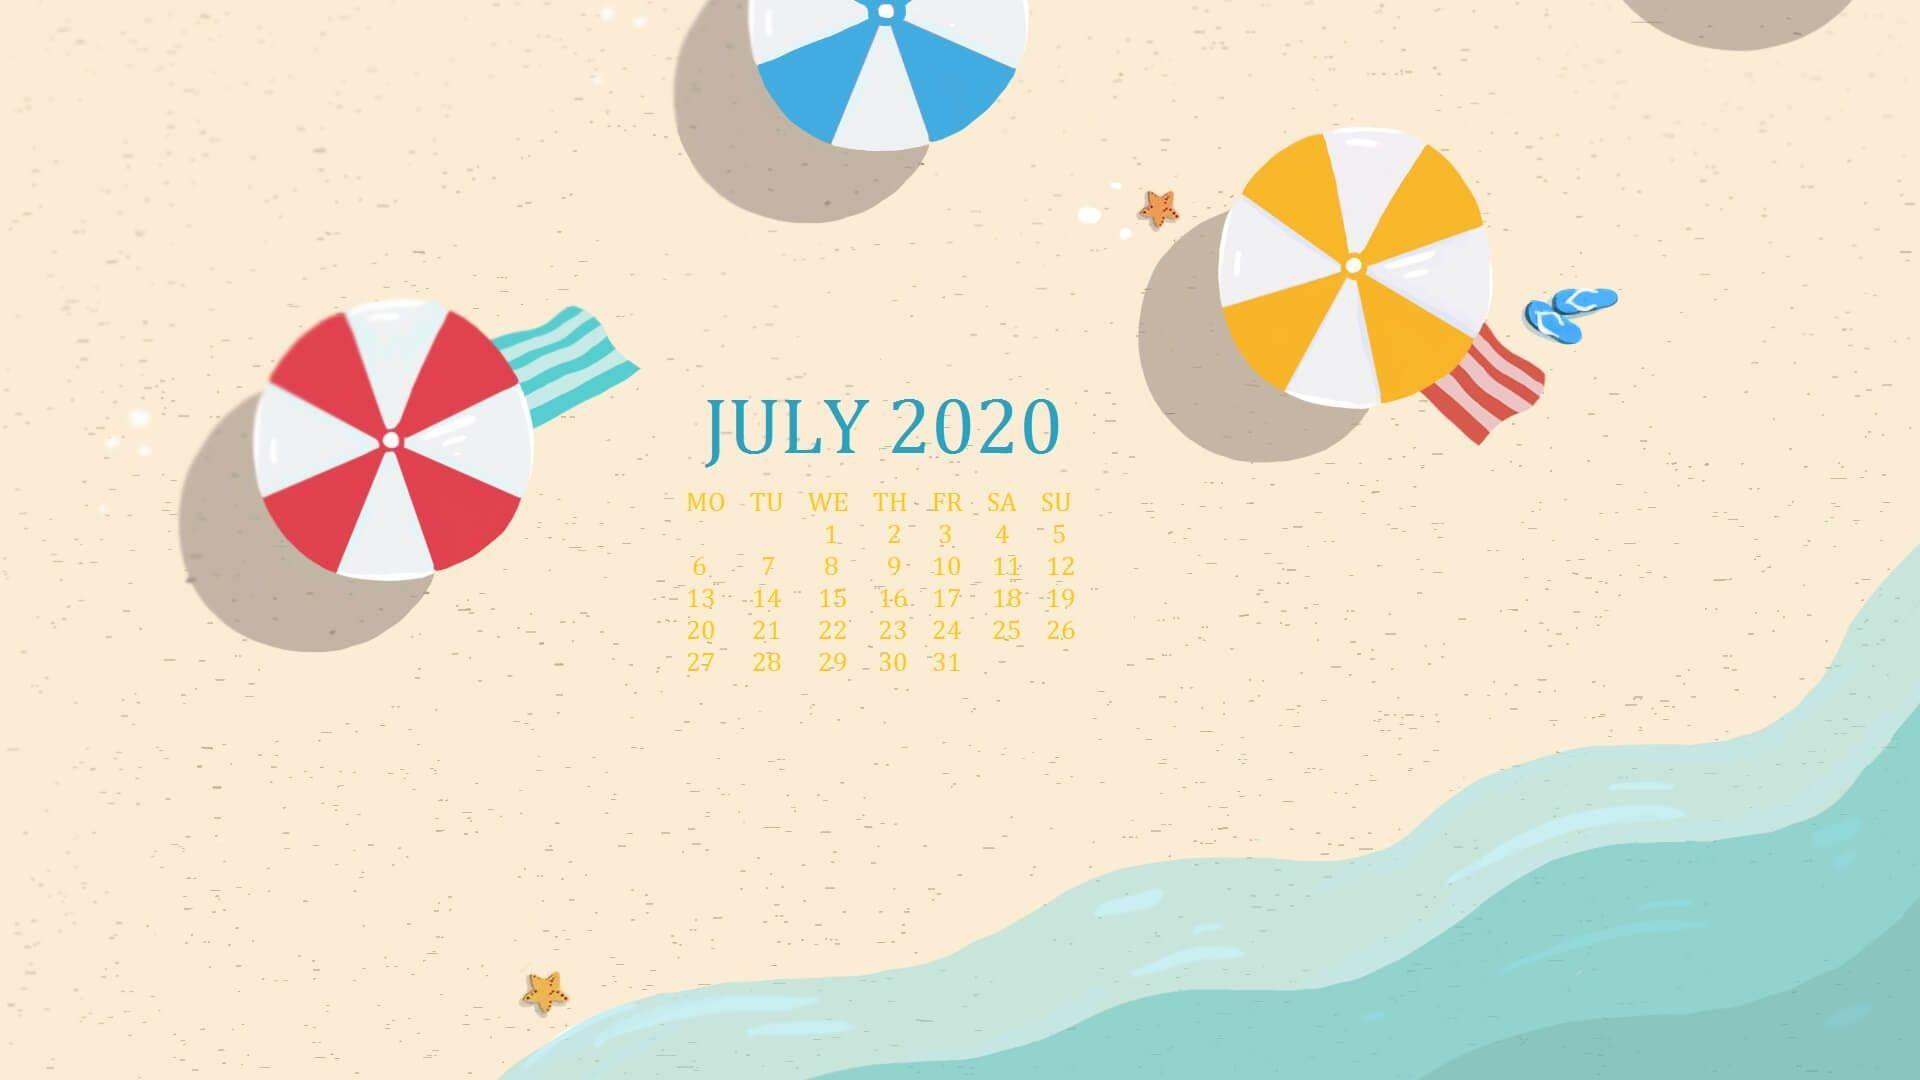 Pin On 2020 Monthly Calendars Calendar Wallpaper Desktop Calendar Floral Design Wallpaper